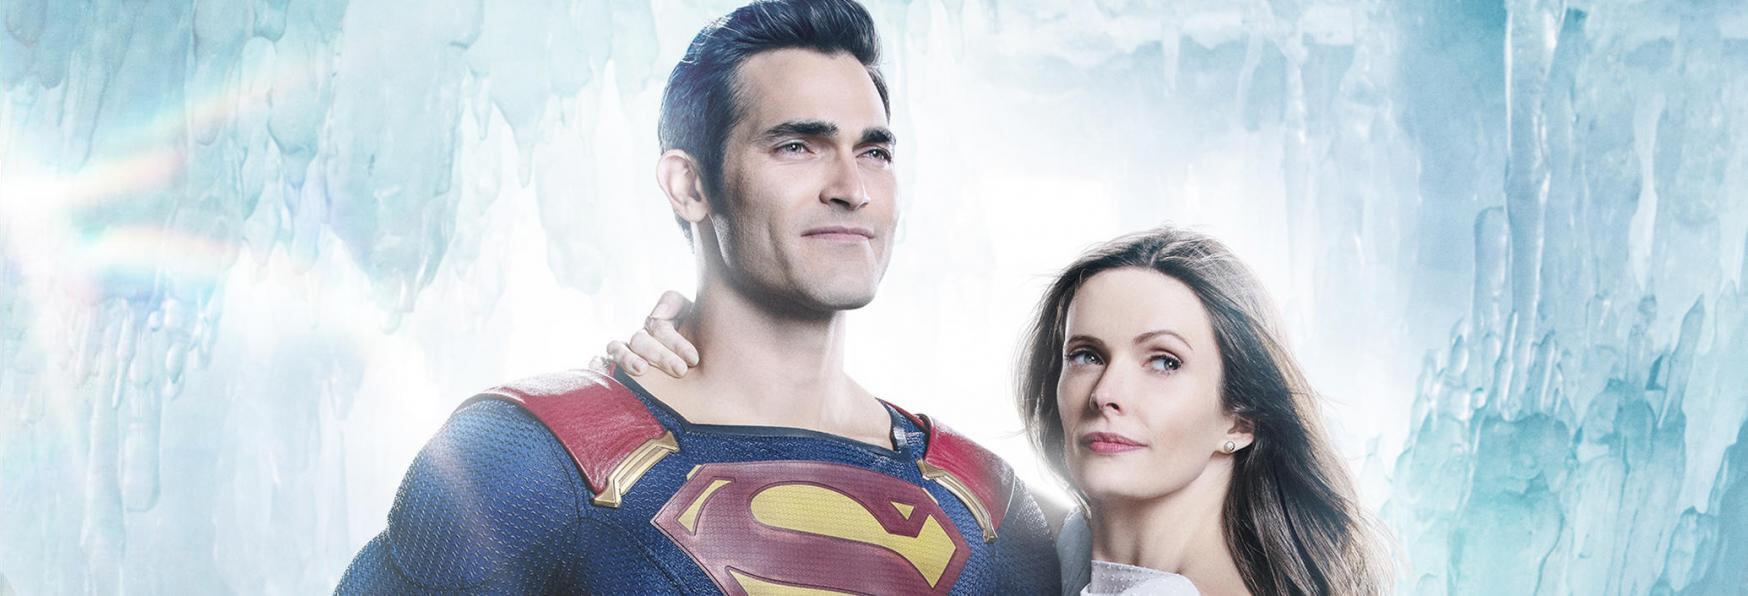 Superman & Lois in arrivo a gennaio 2020. La Sinossi della nuova Serie TV